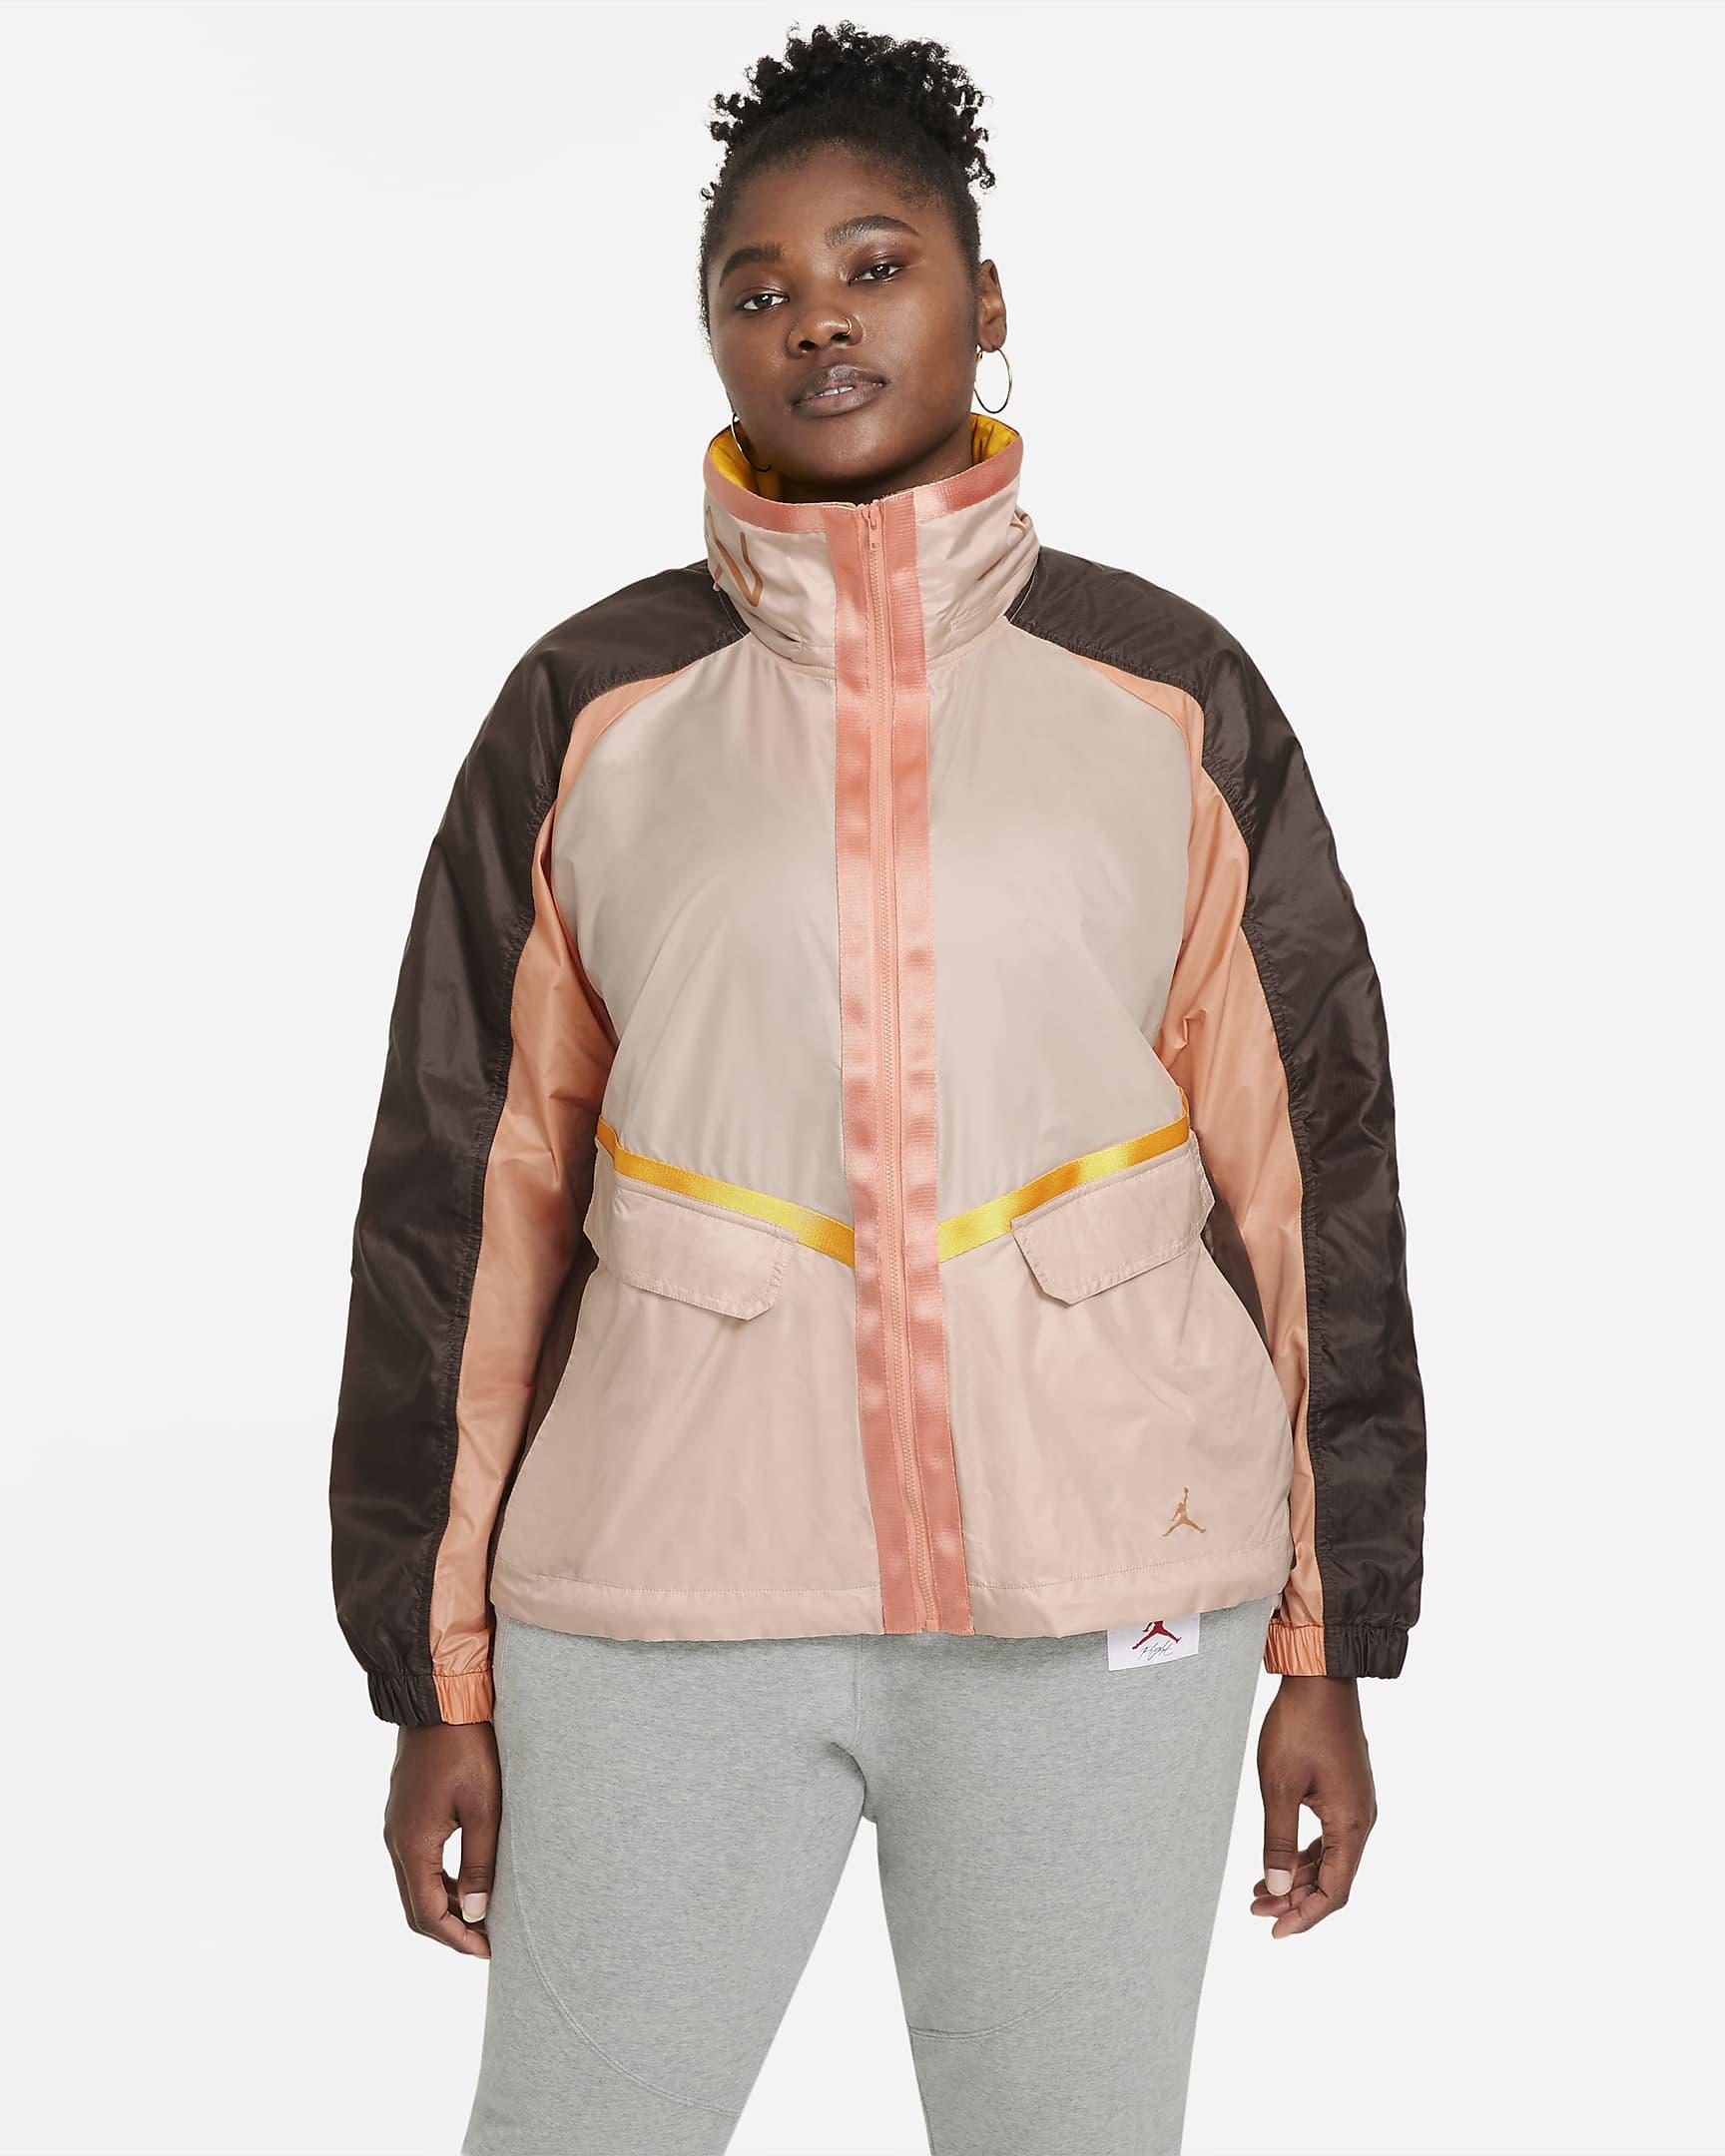 jordan-future-primal-womens-lightweight-jacket-plus-size-lszf6Q